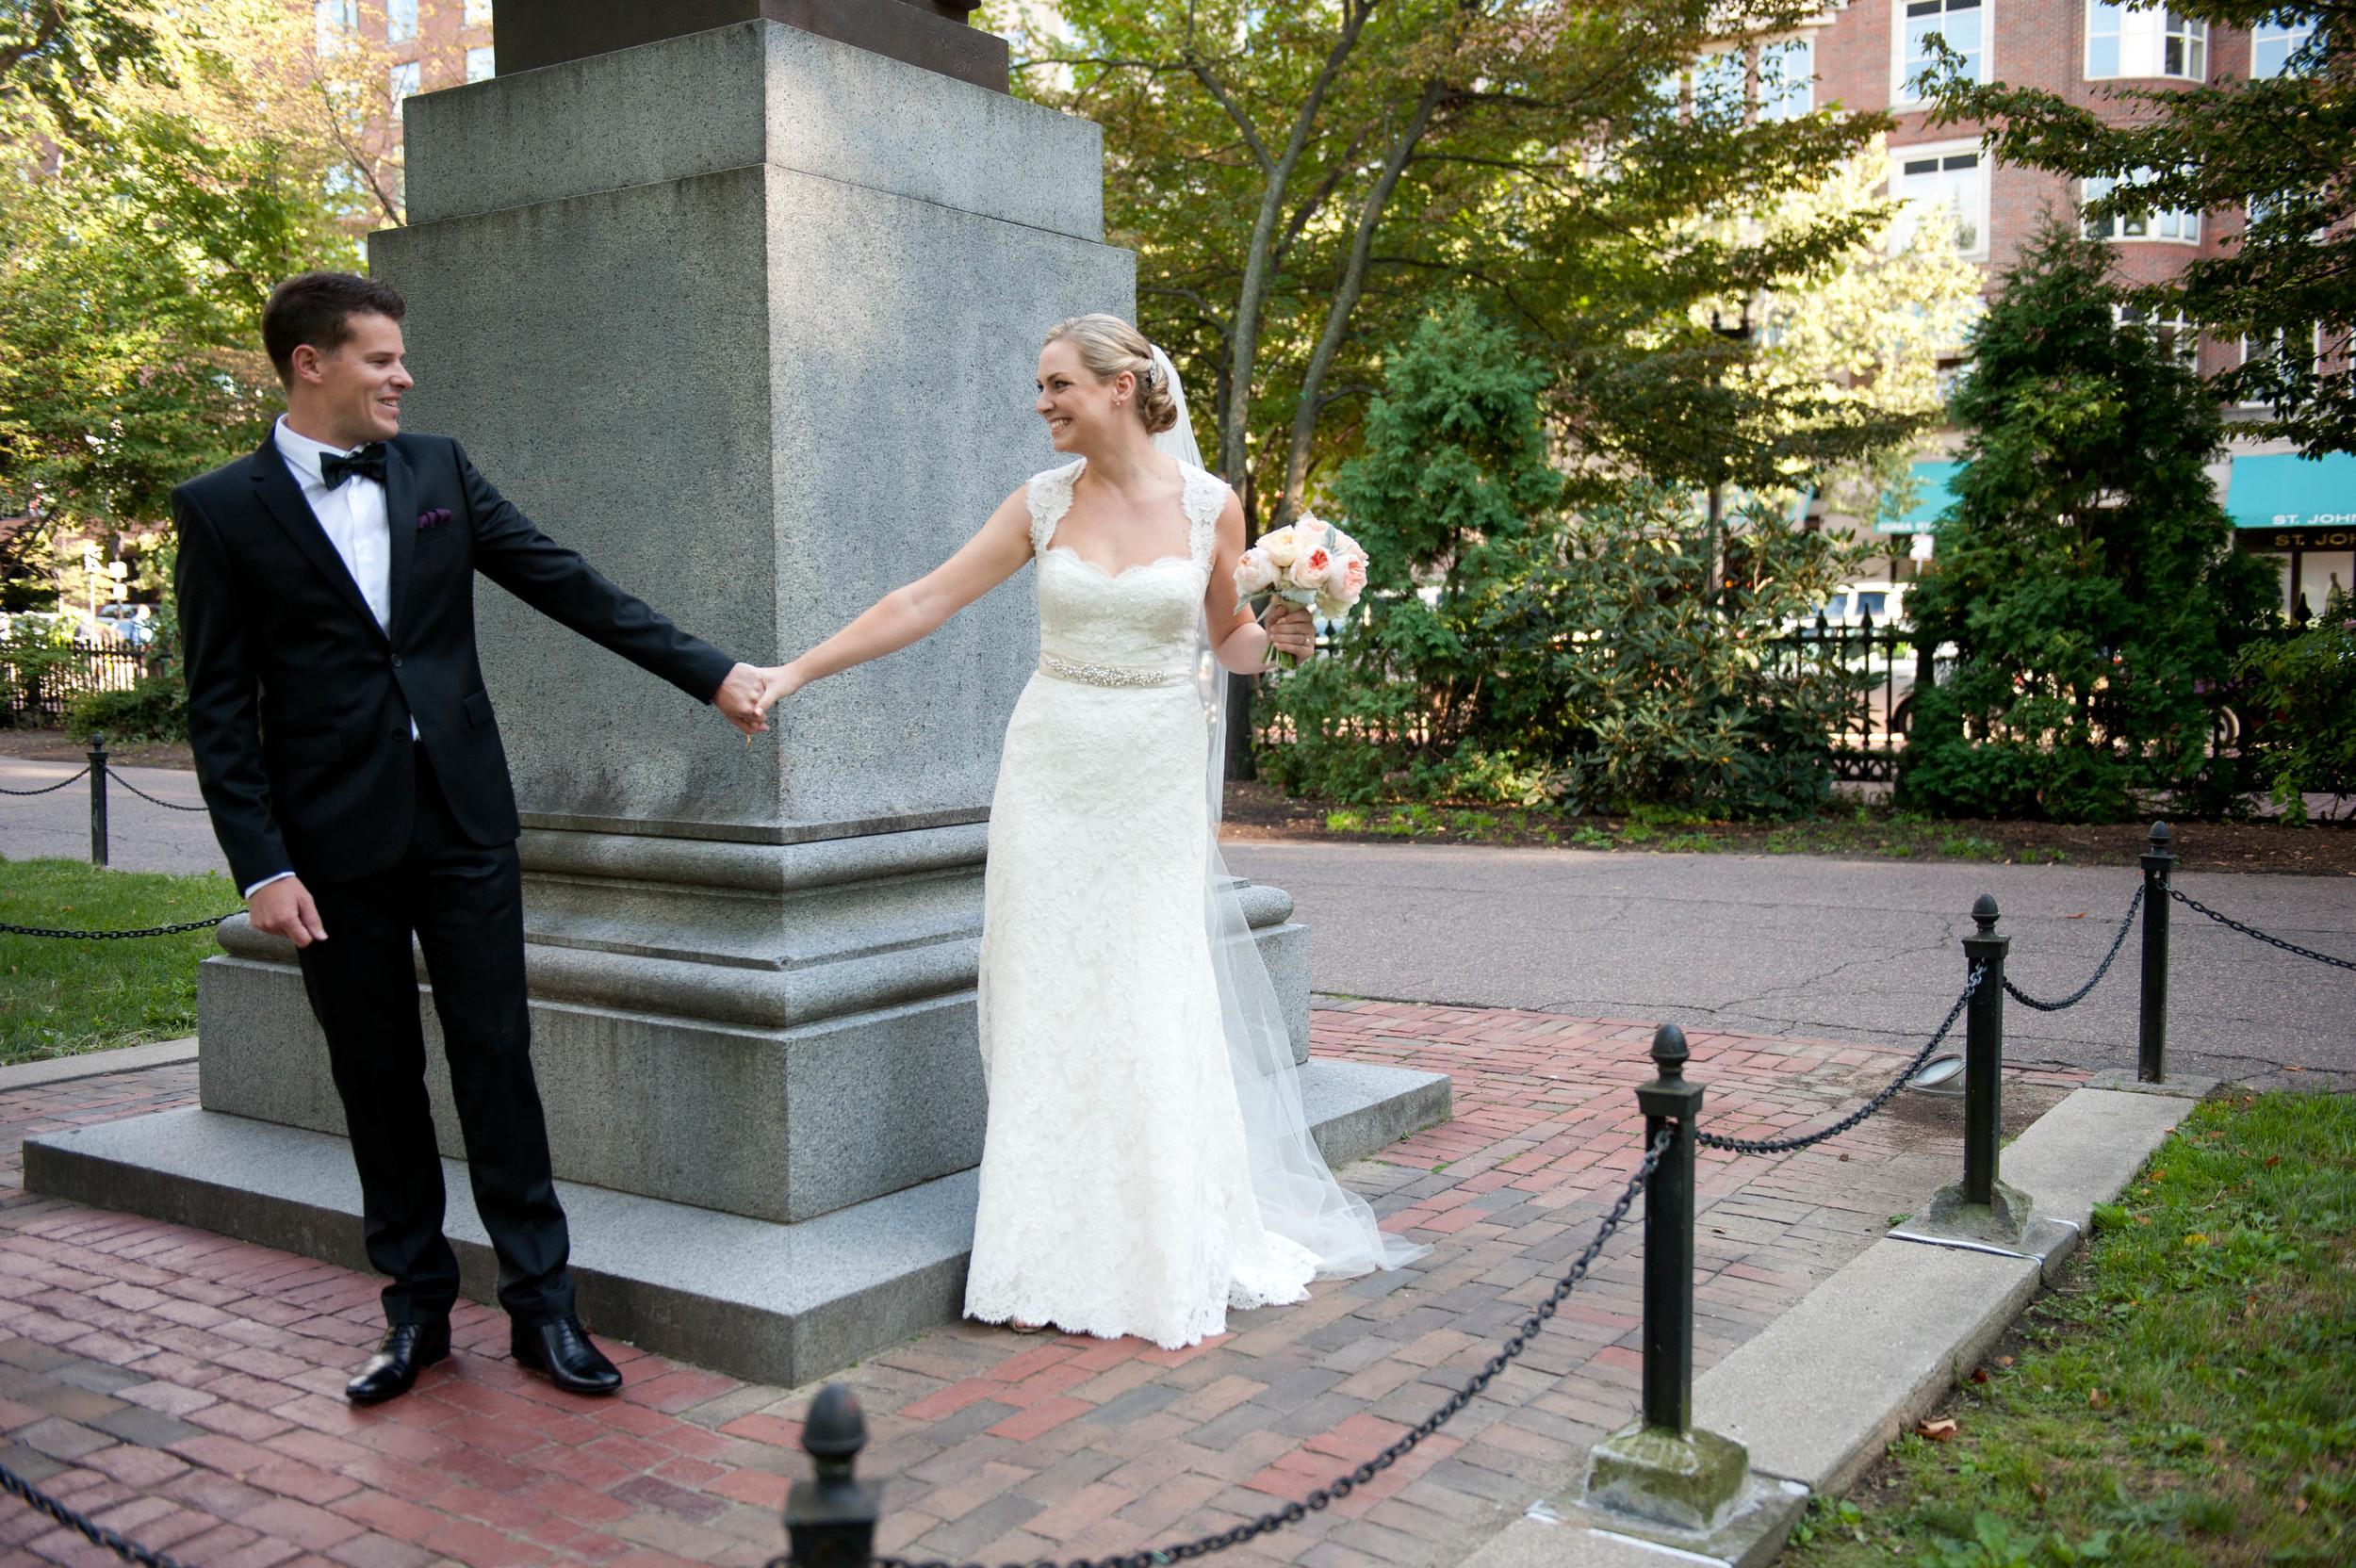 Taj_Wedding_Boston-15.jpg